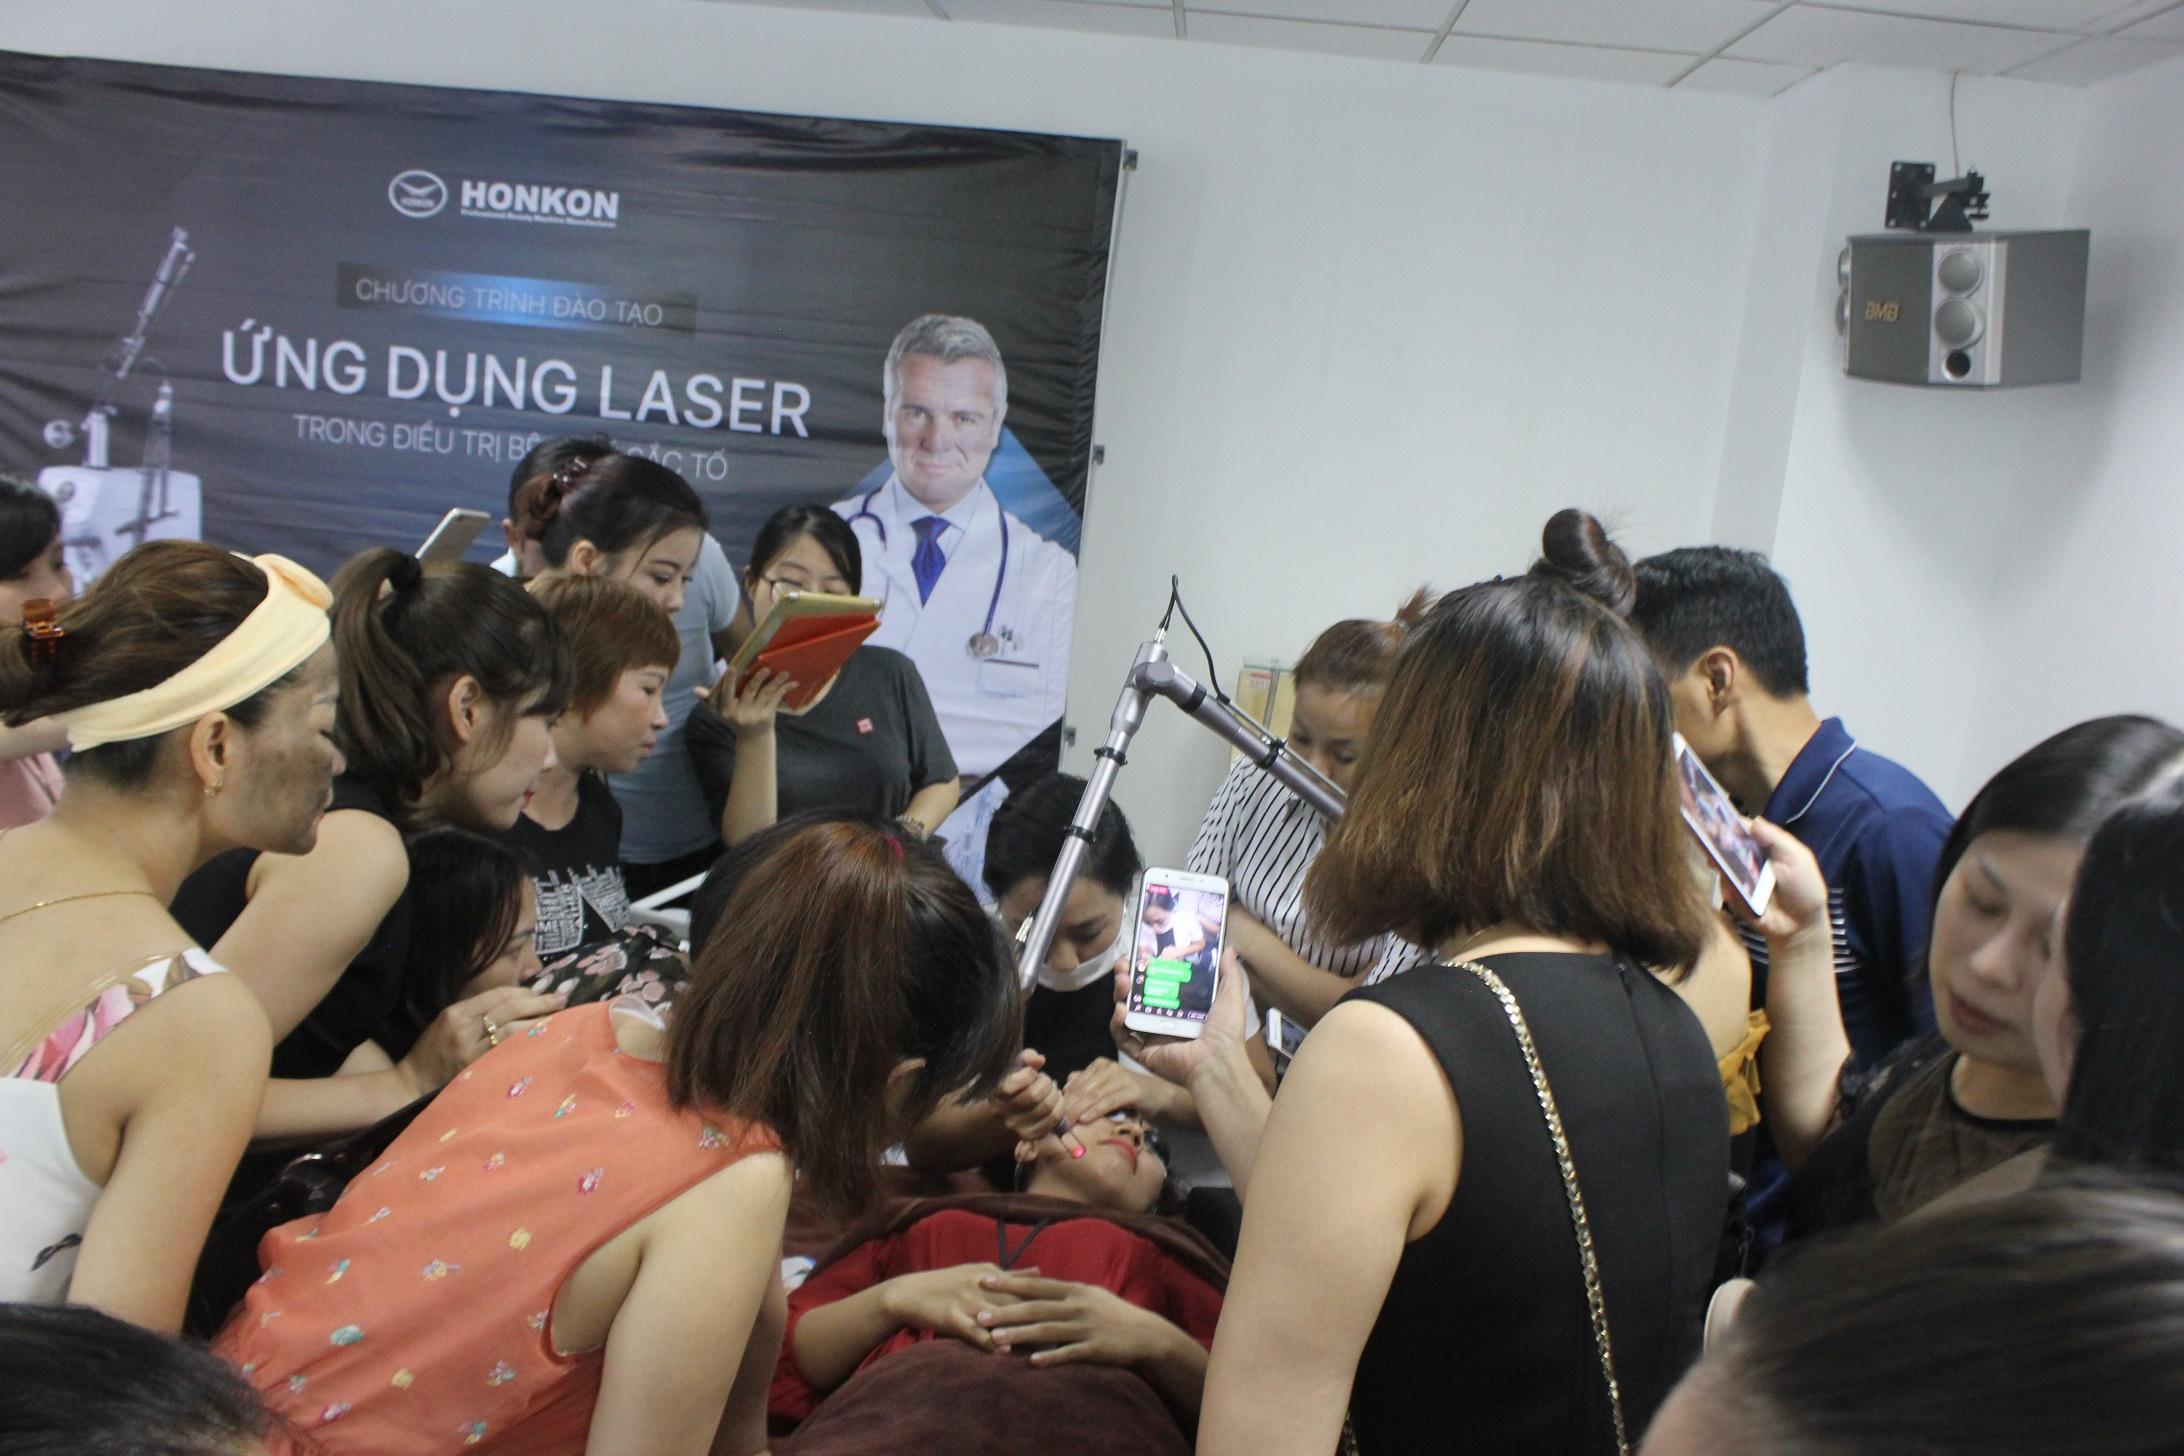 Đào tạo Spa: Ứng dụng laser trong điều trị da liêuc thẩm mỹ